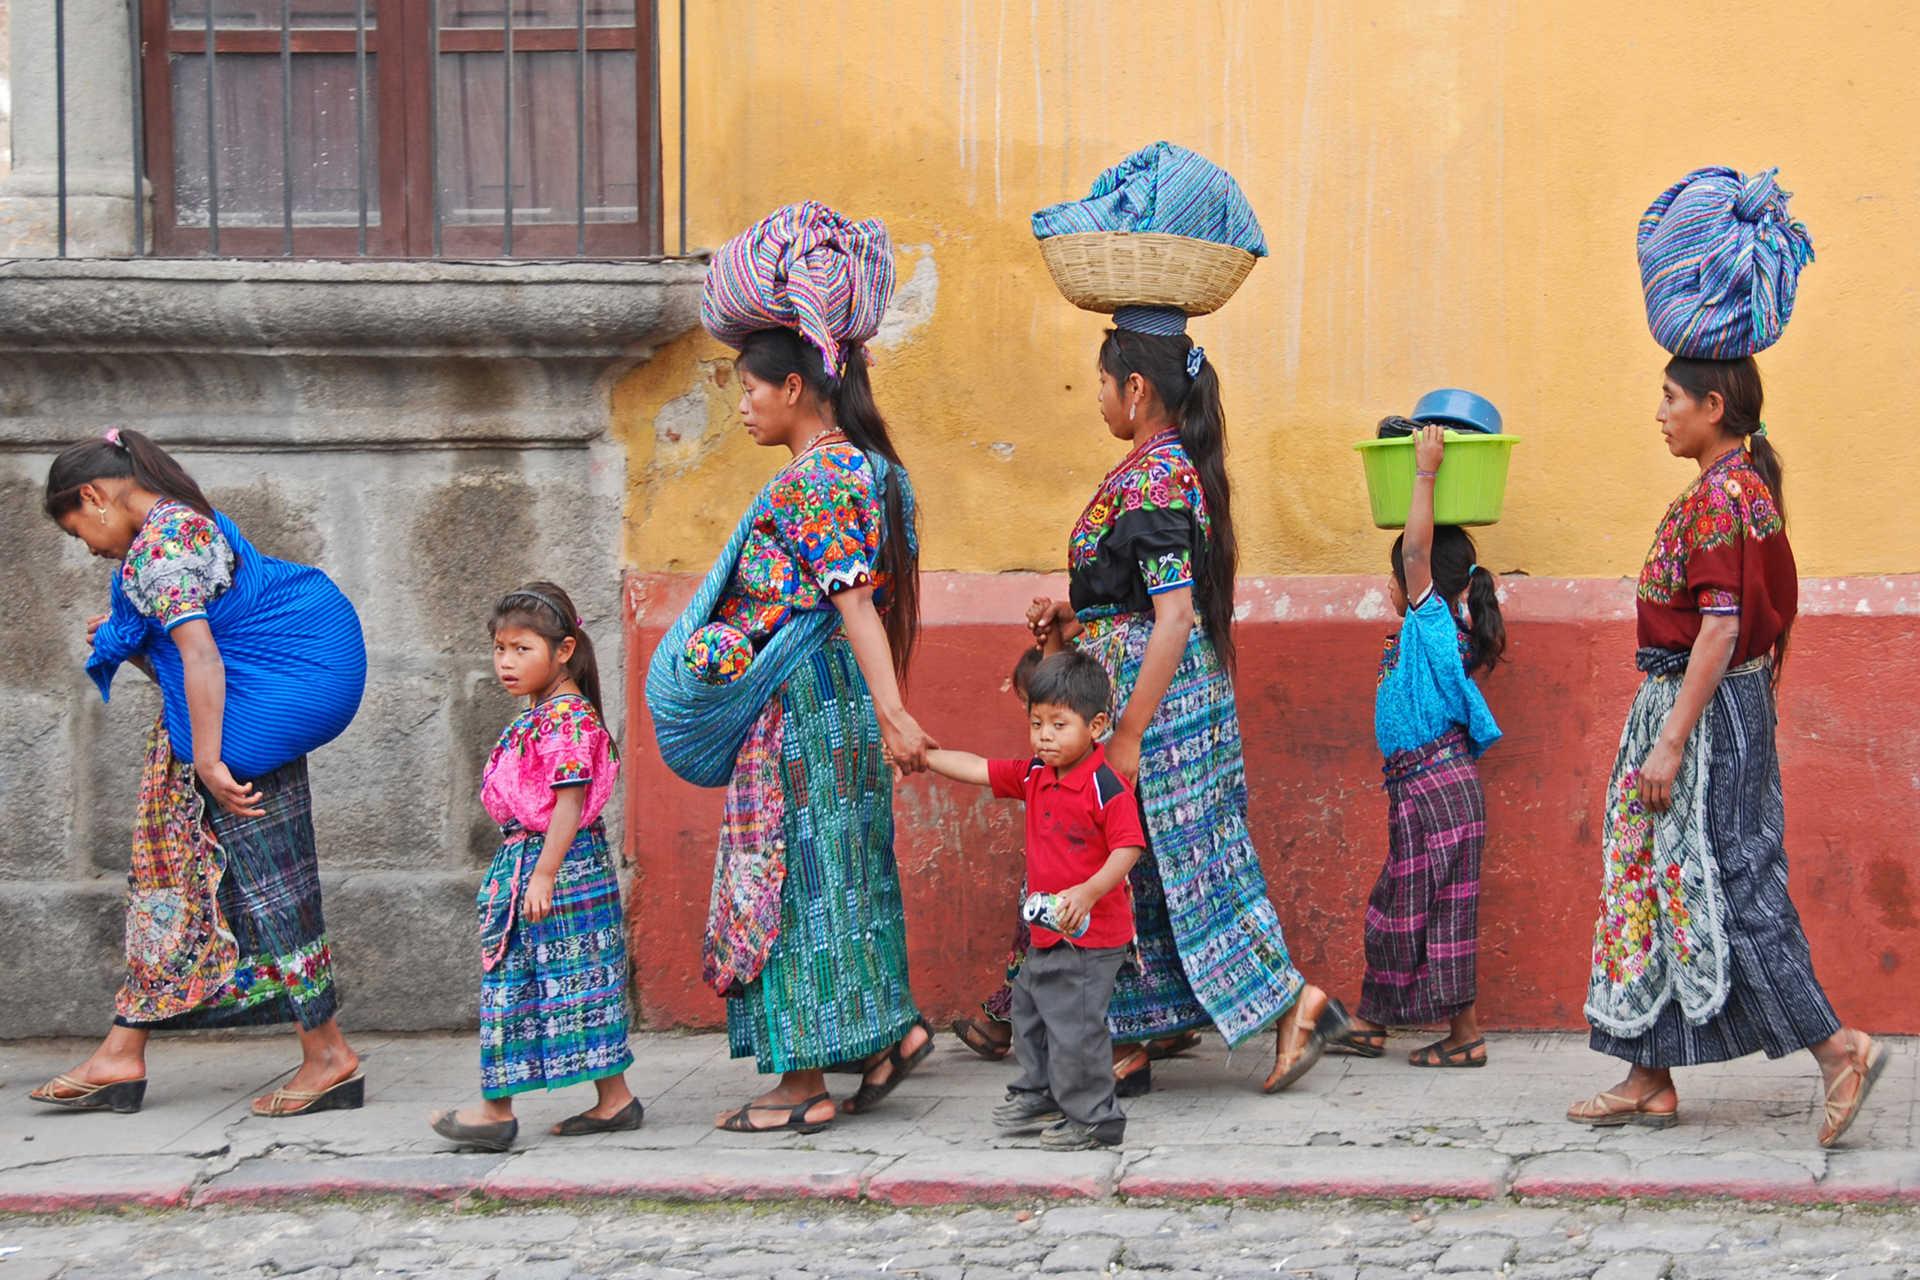 Femmes et enfants dans une rue du Guatemala